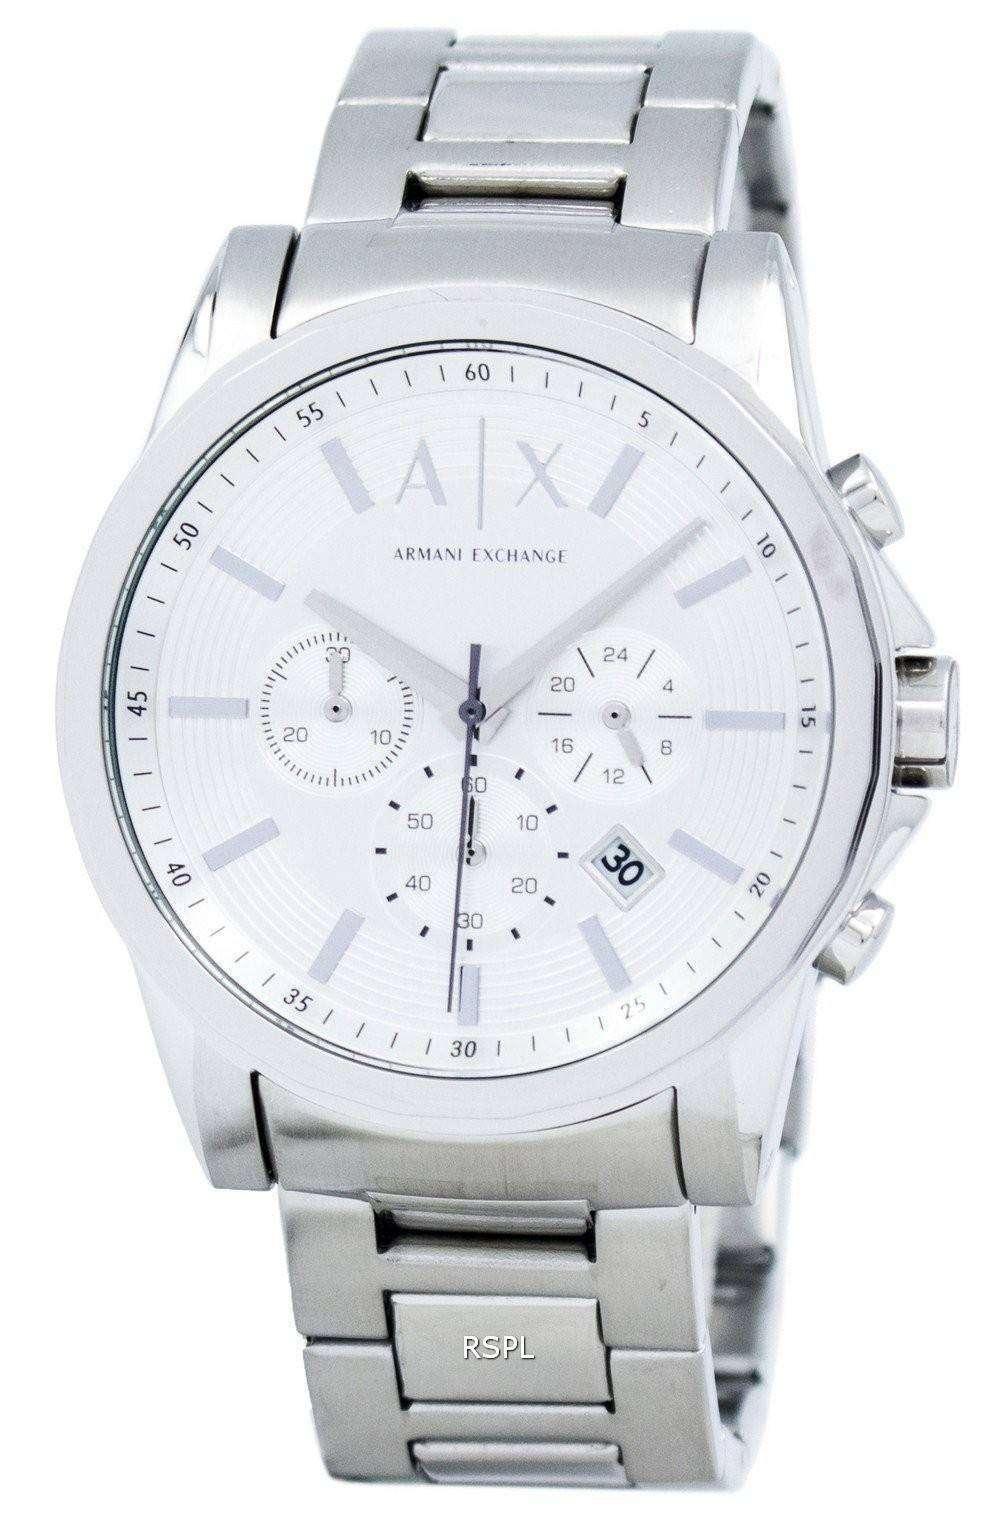 アルマーニエクス チェンジ クロノグラフ シルバー トーン ダイヤル AX2058 メンズ腕時計